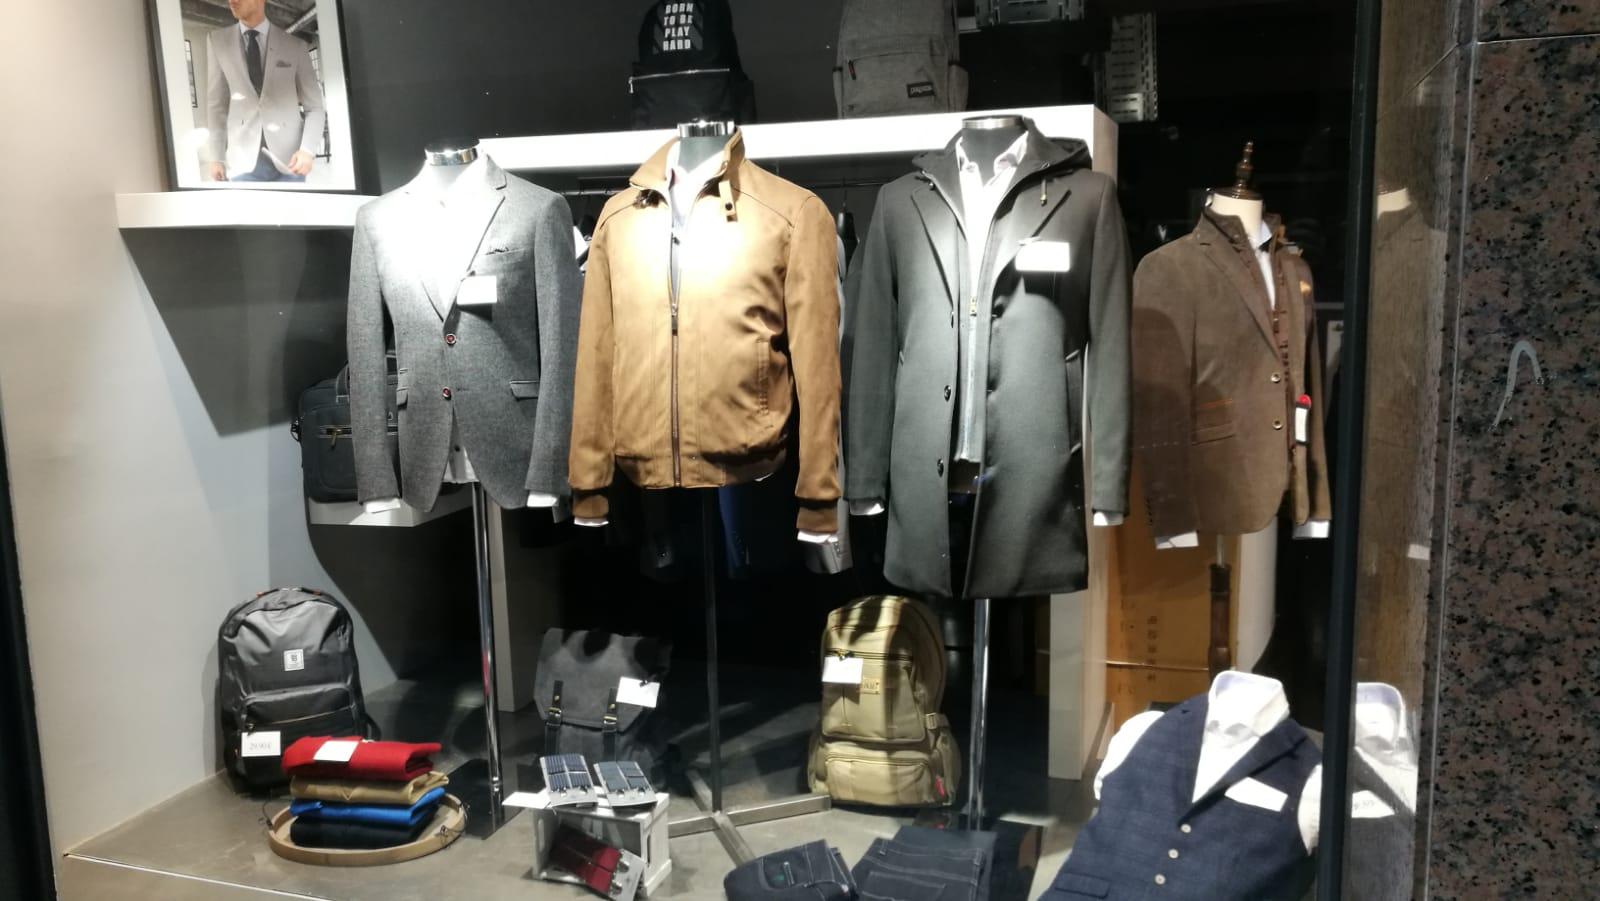 Descubre las últimas tendencias en trajes de caballero en Andorra. Descubre nuestros trajes, americanas y chalecos T.+376824714